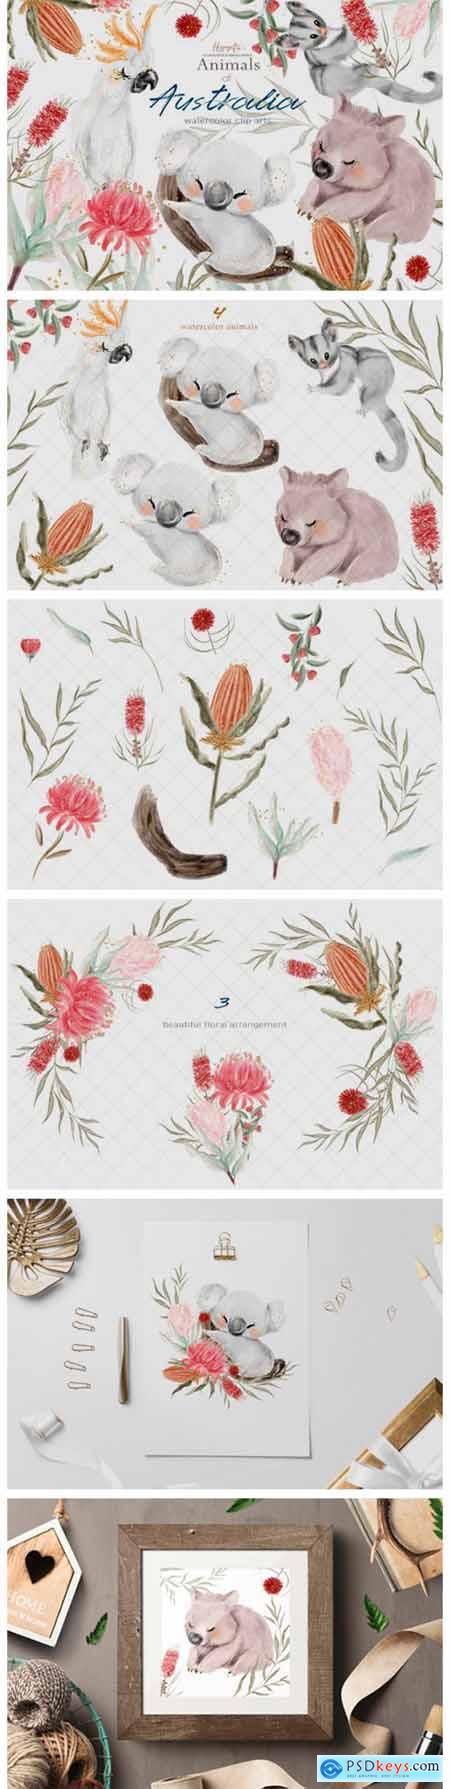 Australia Animals Illustration 5580993